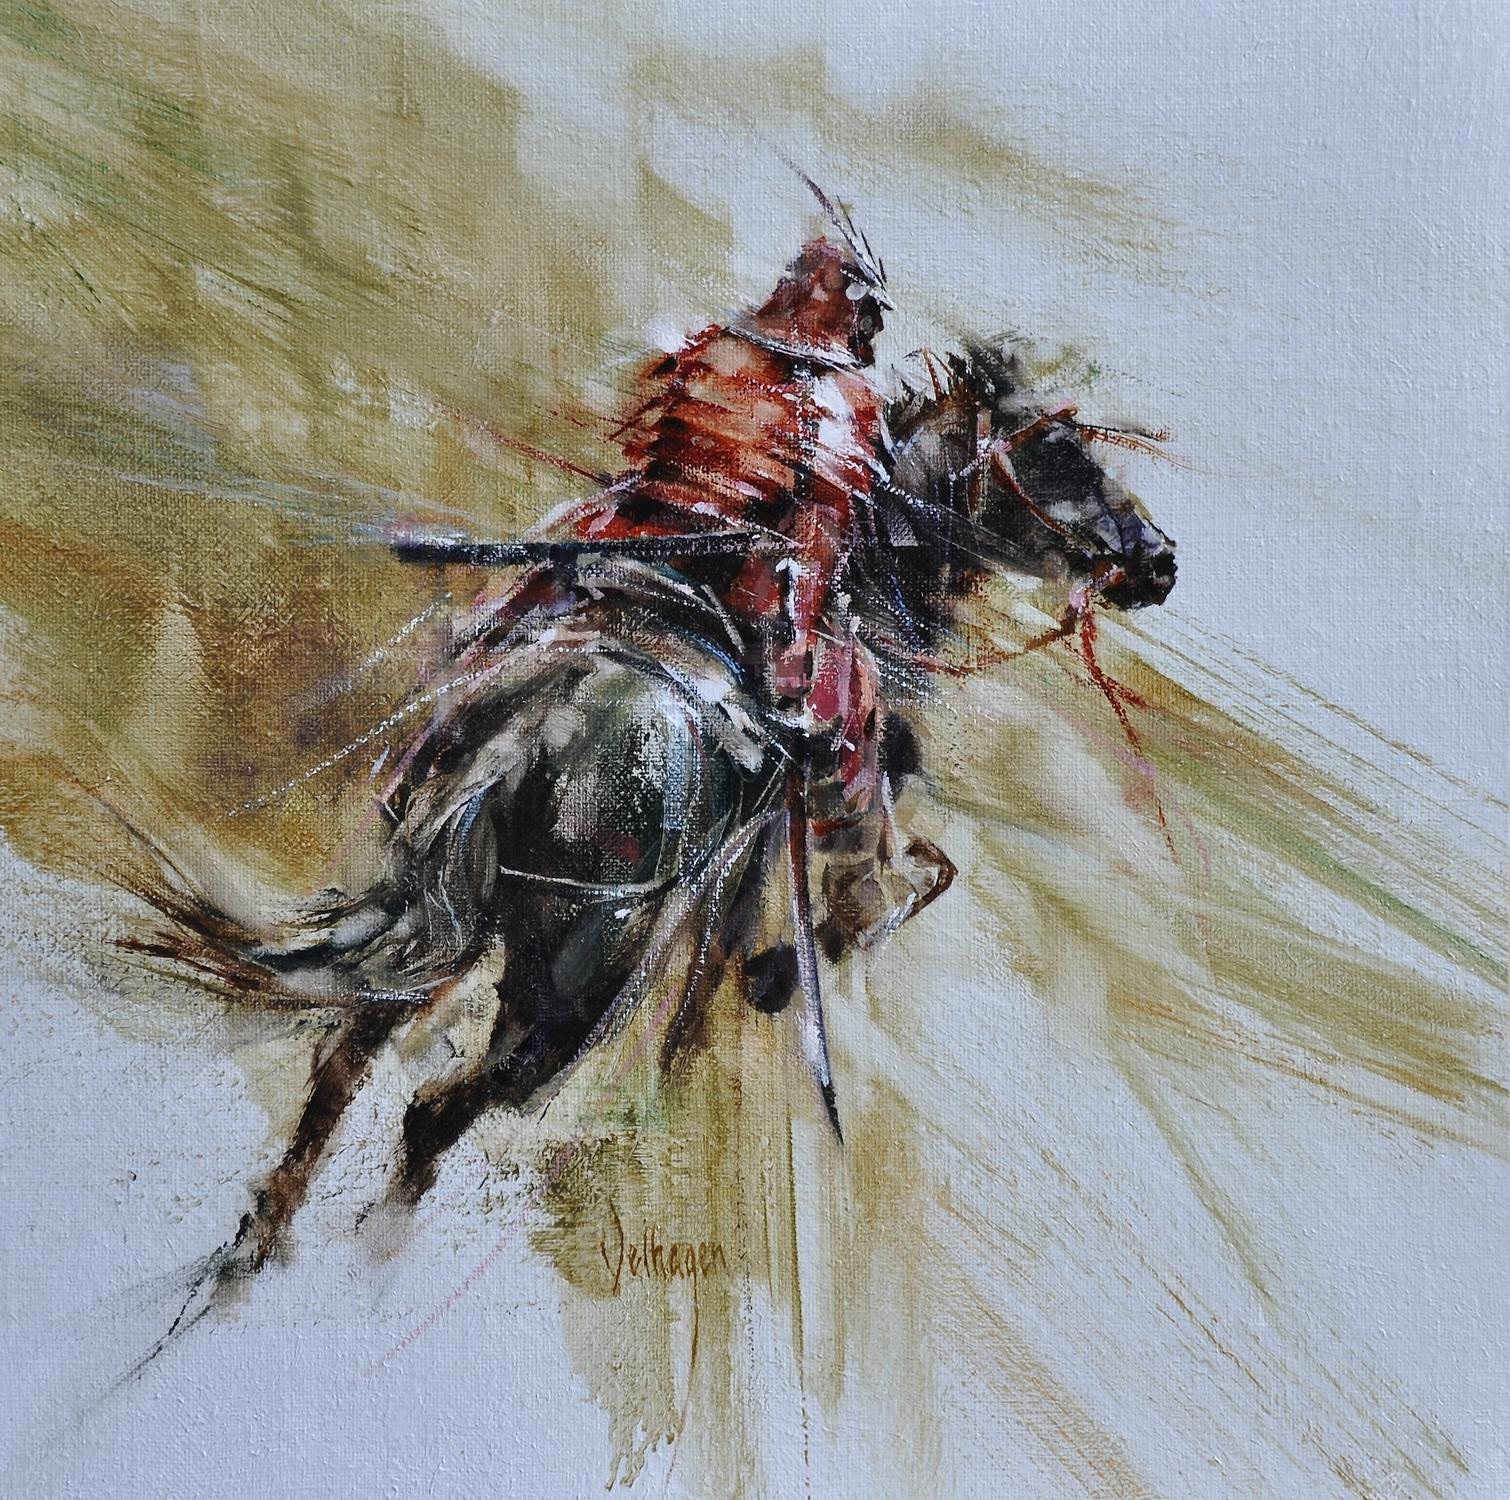 Red Samurai Artwork by Eric Velhagen